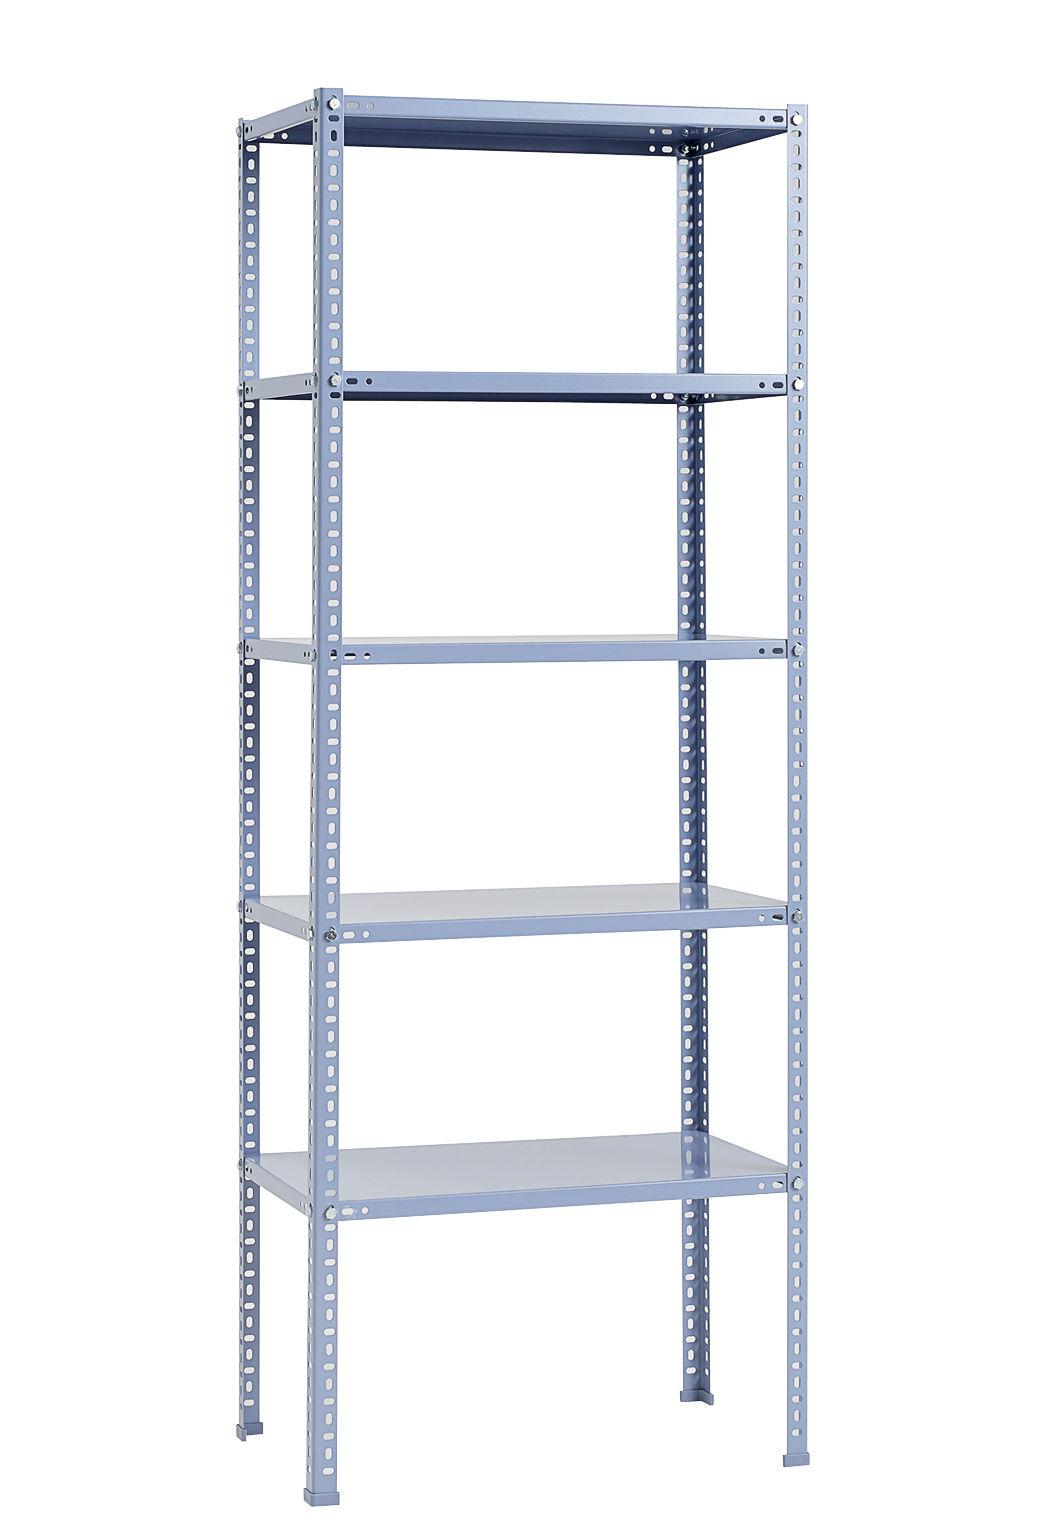 Mobilier - Etagères & bibliothèques - Etagère Shelving Unit / L 75 x H 200 cm - Métal - Hay - Bleu - Acier laqué époxy